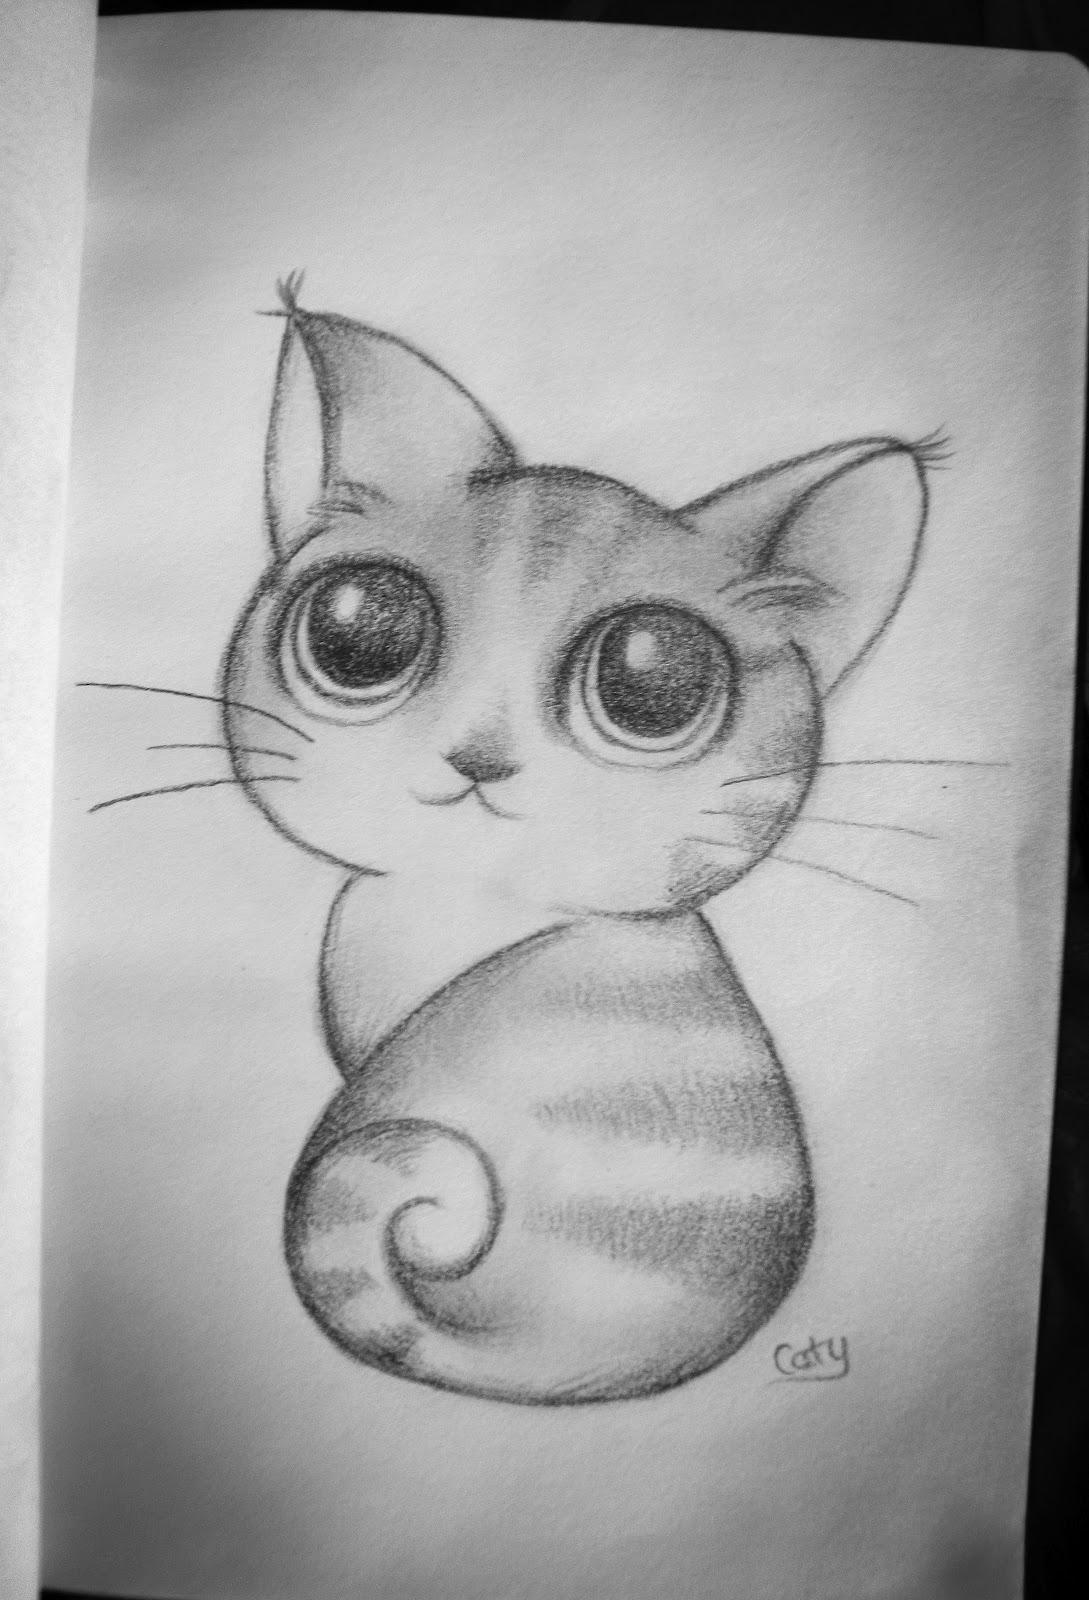 Caty 39 s blog passione disegno for Disegni belli ma facili